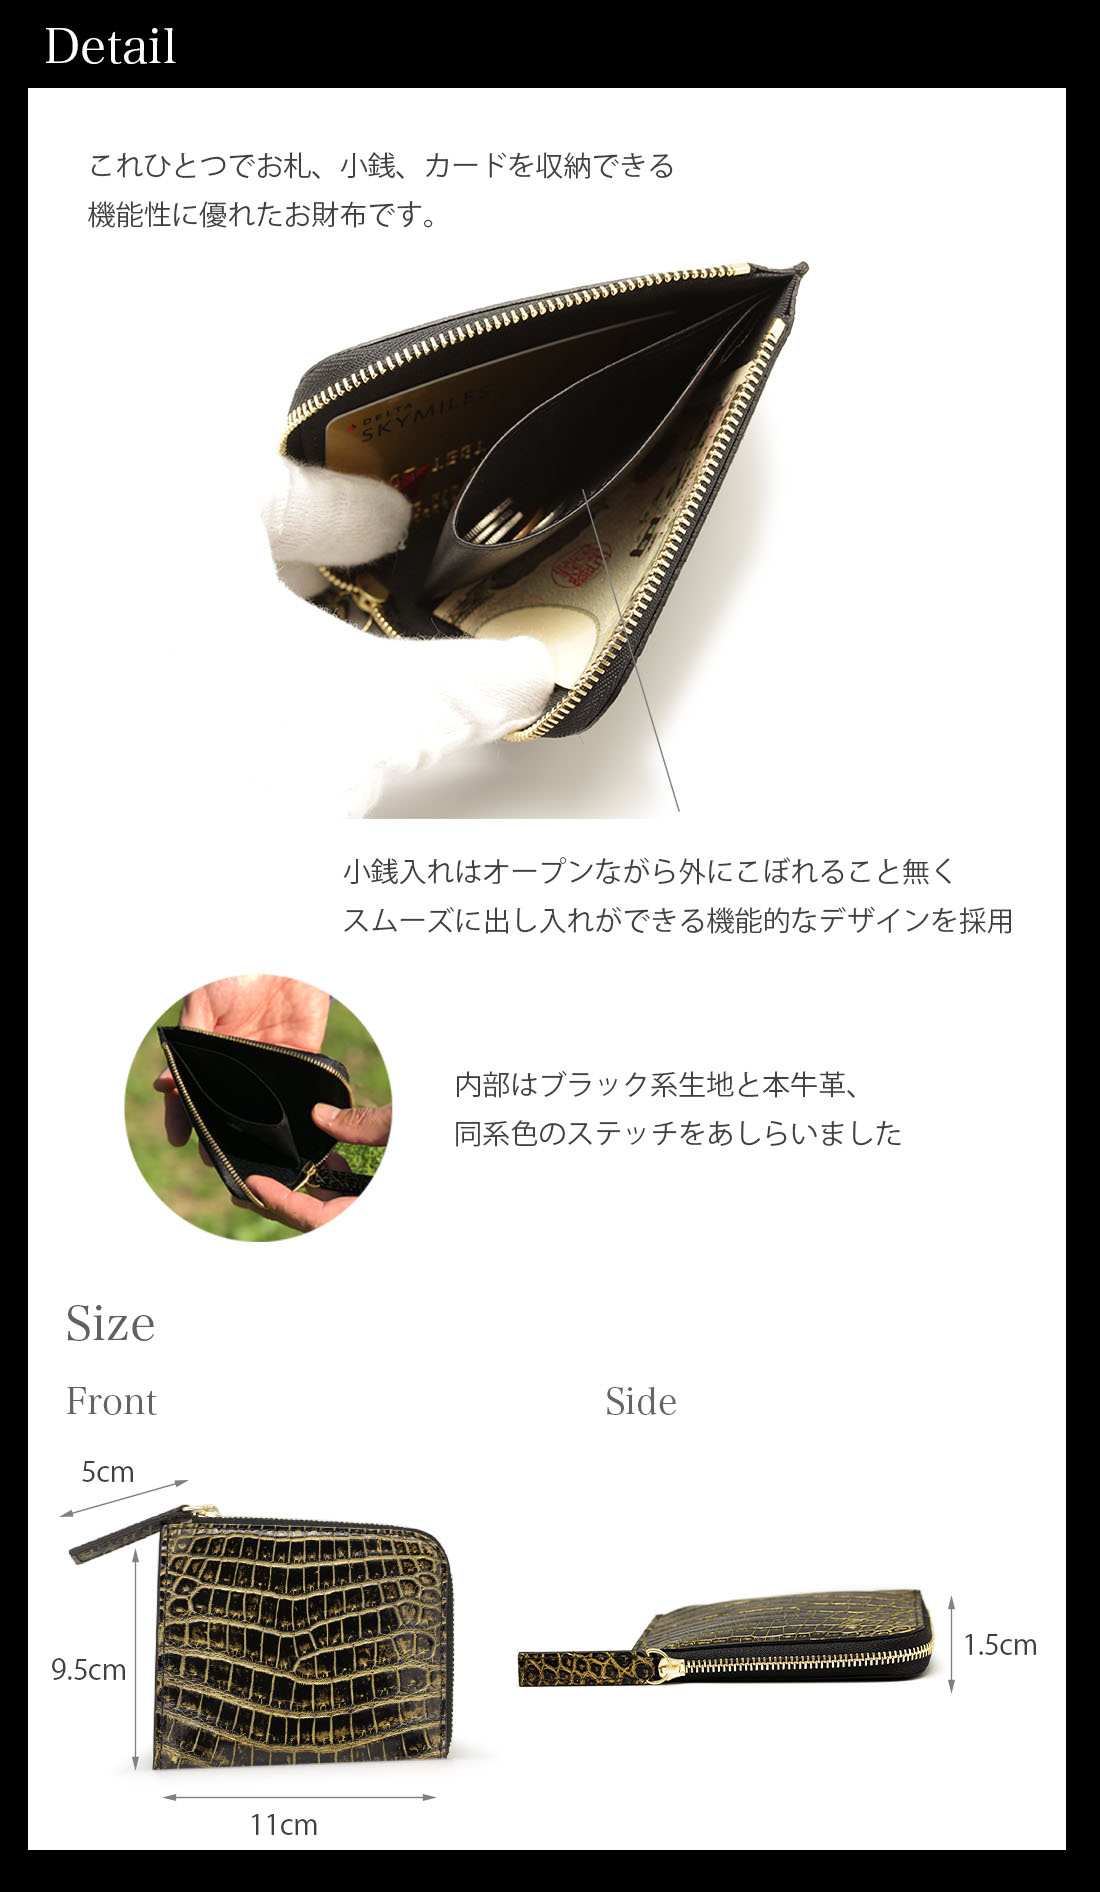 ナイルクロコダイル ミニ財布 メンズ コスモゴールド プレゼント ブランド